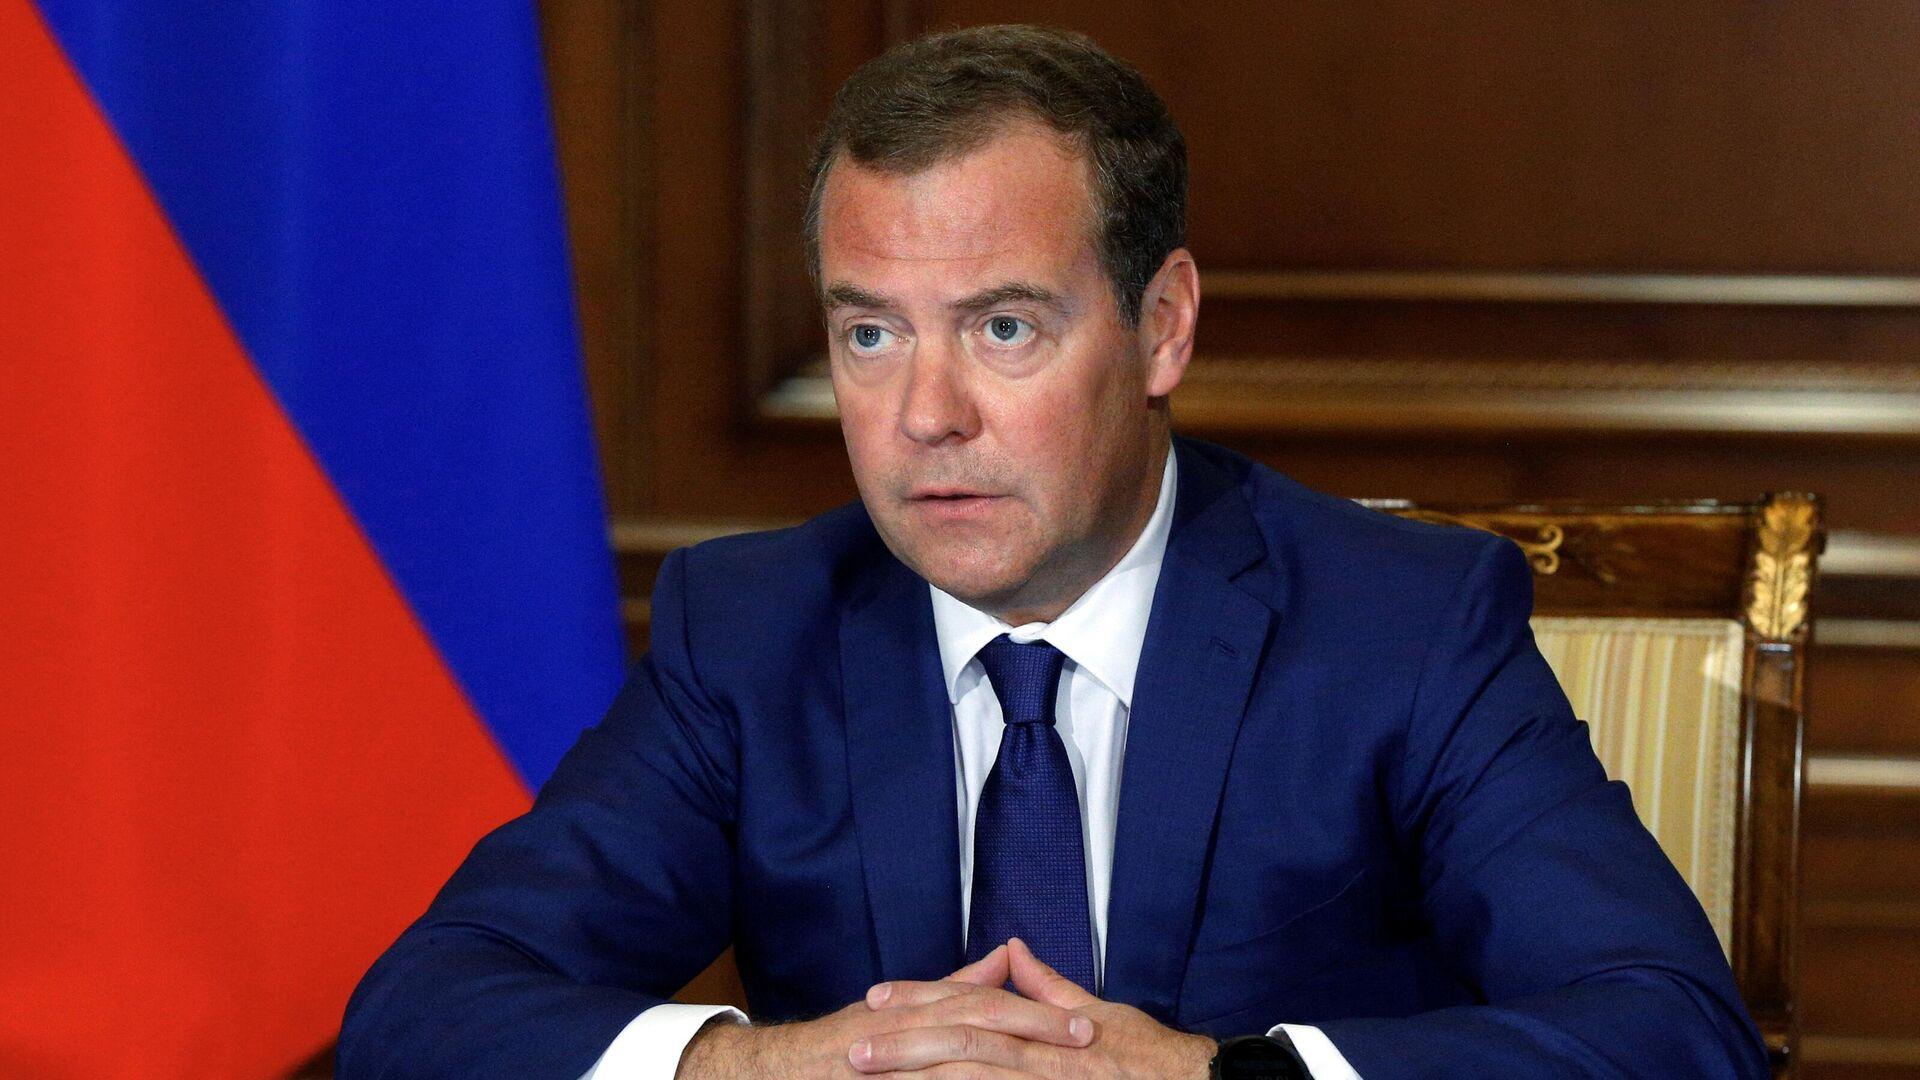 Заместитель председателя Совета безопасности РФ Дмитрий Медведев проводит совещание по вопросу Об обеспечении долгосрочных интересов РФ в условиях введения с 2025 г. углеродного налога в ЕС - РИА Новости, 1920, 06.10.2020